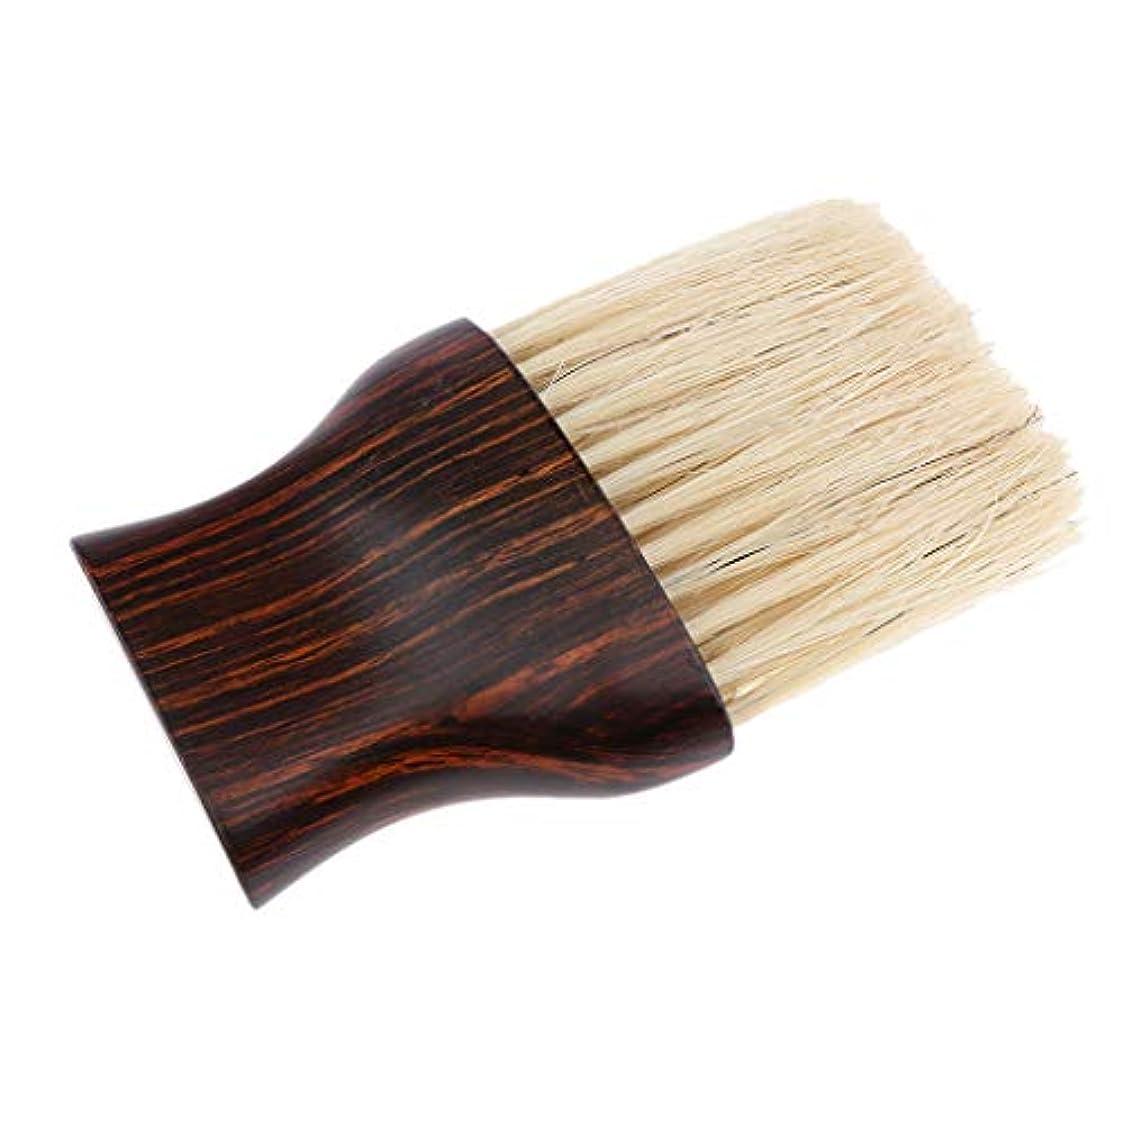 対立ポゴスティックジャンプ差し控えるヘアブラシ 毛払いブラシ 散髪 髪切り 散髪用ツール 床屋 理髪店 美容院 ソフトブラシ